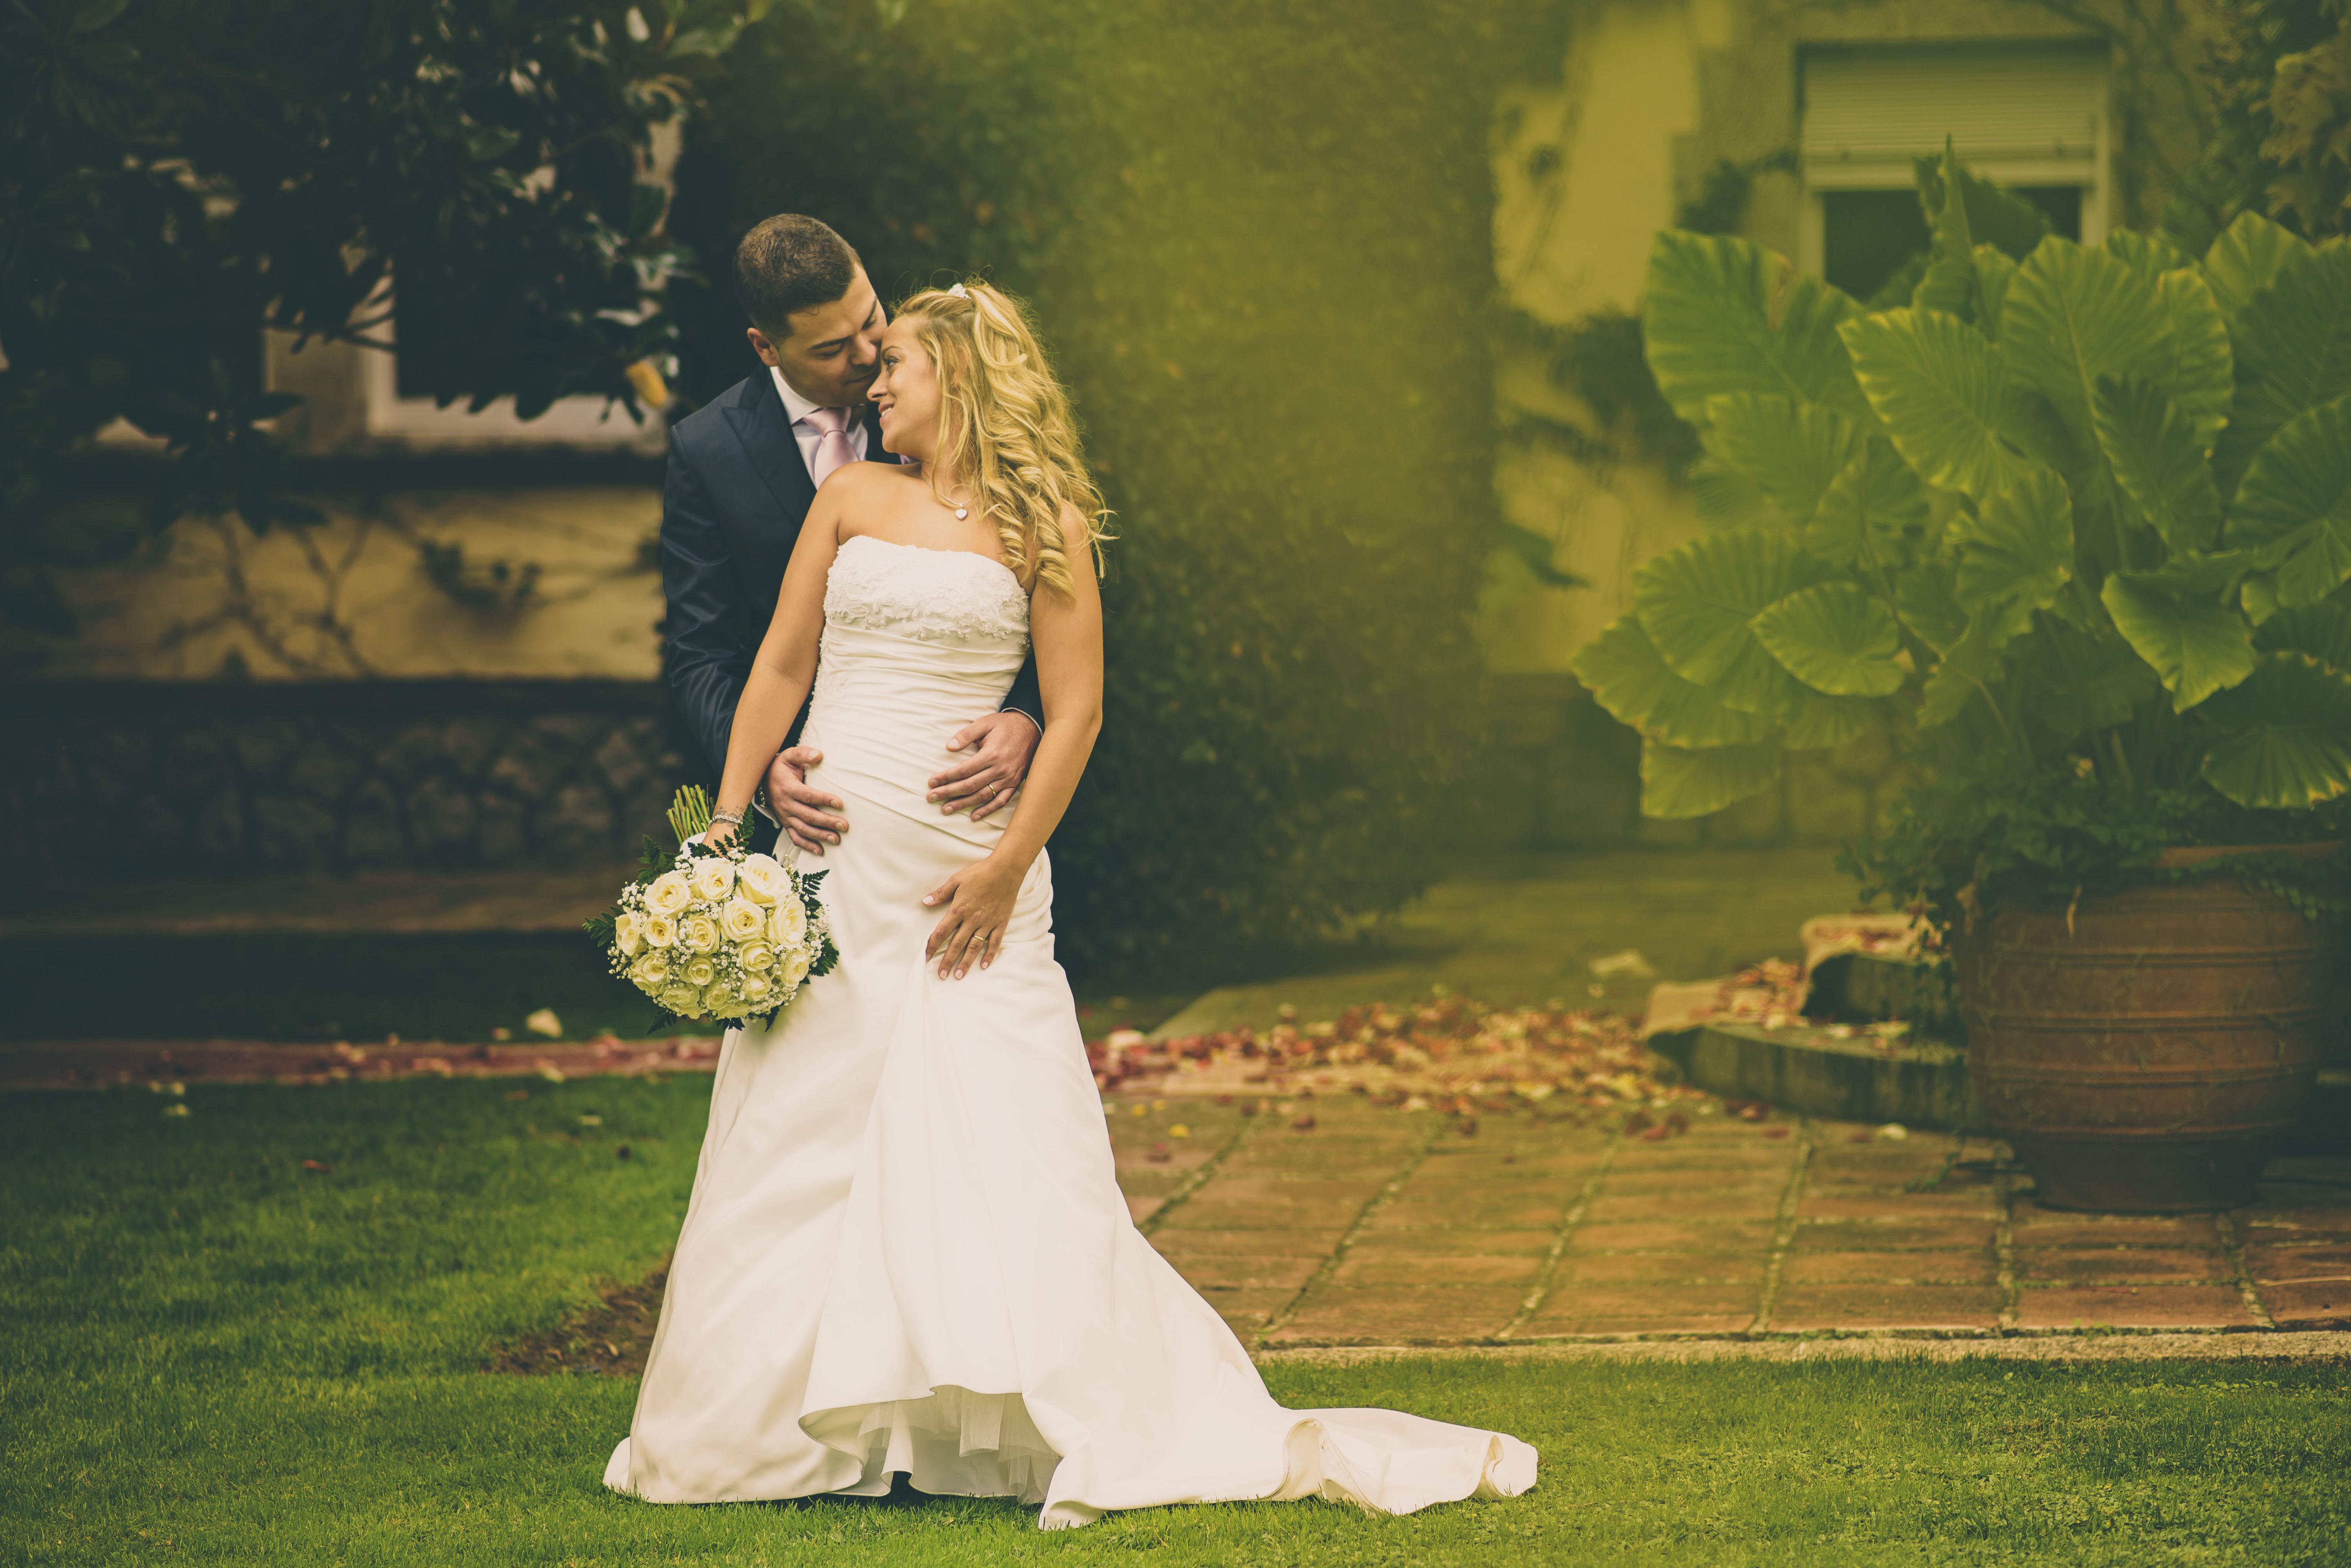 Foto 7 de Reportajes de boda en Barcelona | TDSfotografía